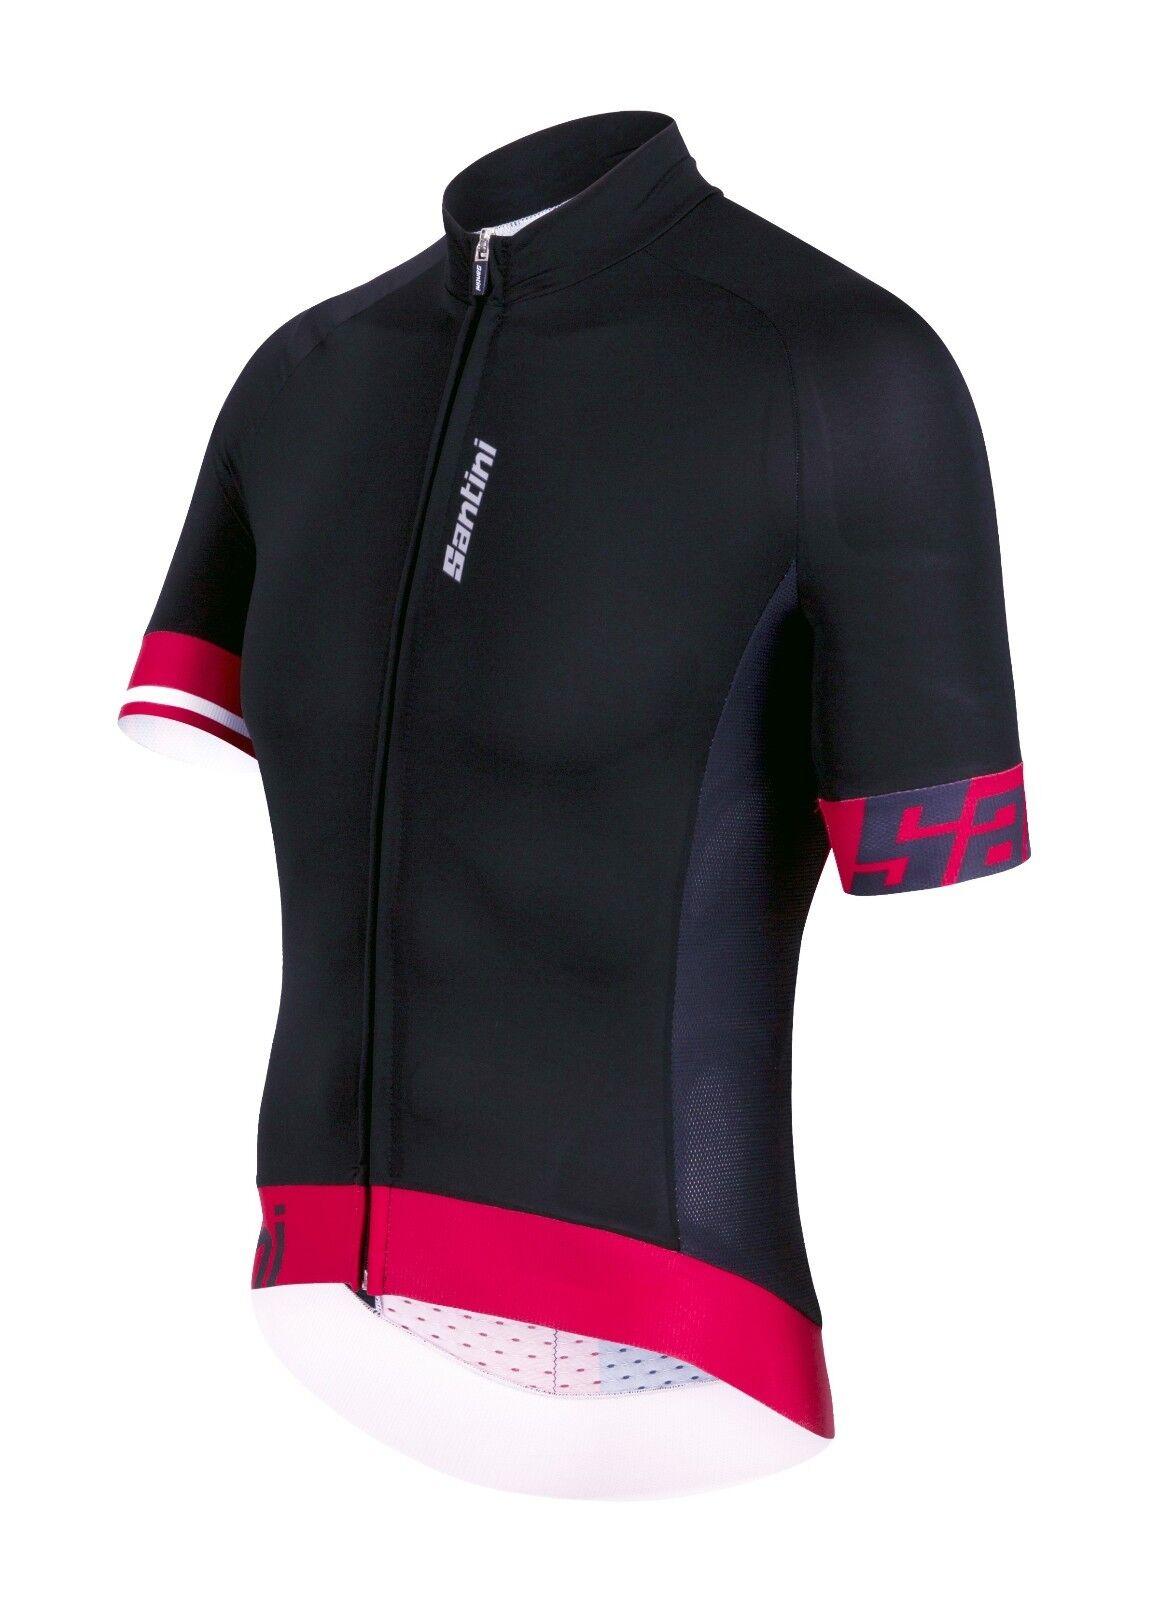 Men's Sleek  2.0 Aero Ciclismo Camiseta en Negro Rojo. hechos en Italia por Santini  las mejores marcas venden barato